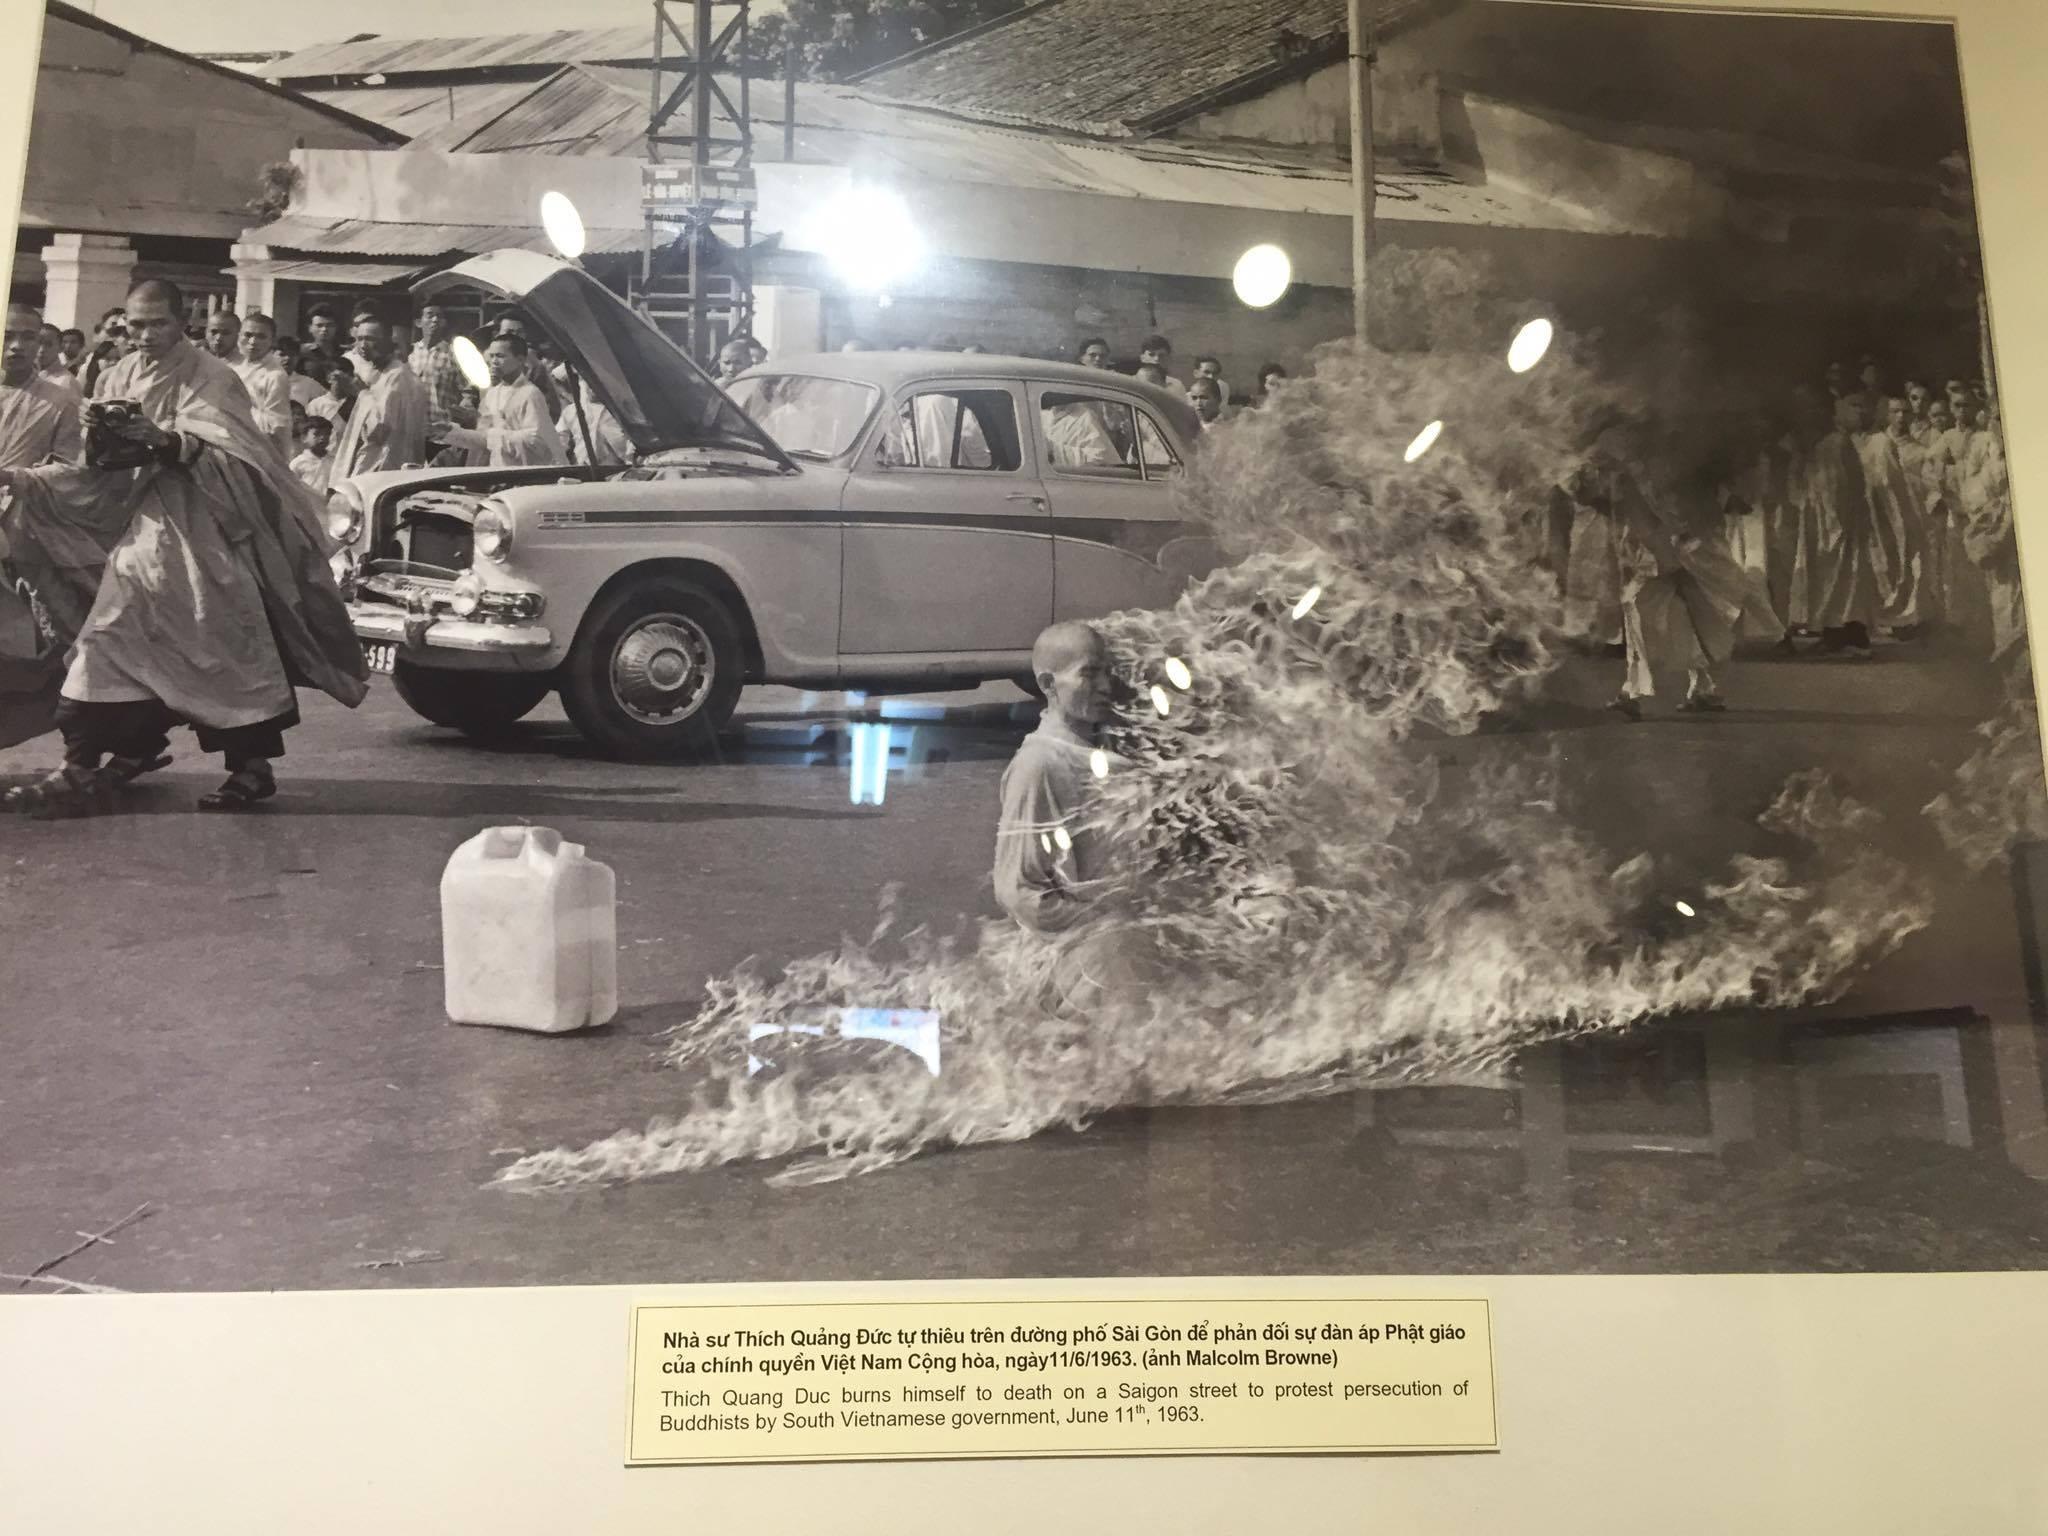 Ngày 11/6/1963, tại Sài Gòn, nhà sư Thích Quảng Đức tự thiêu để phản đối sự đàn áp Phật giáo của chính quyền Việt Nam Cộng hòa (ảnh chụp lại từ triển lãm).